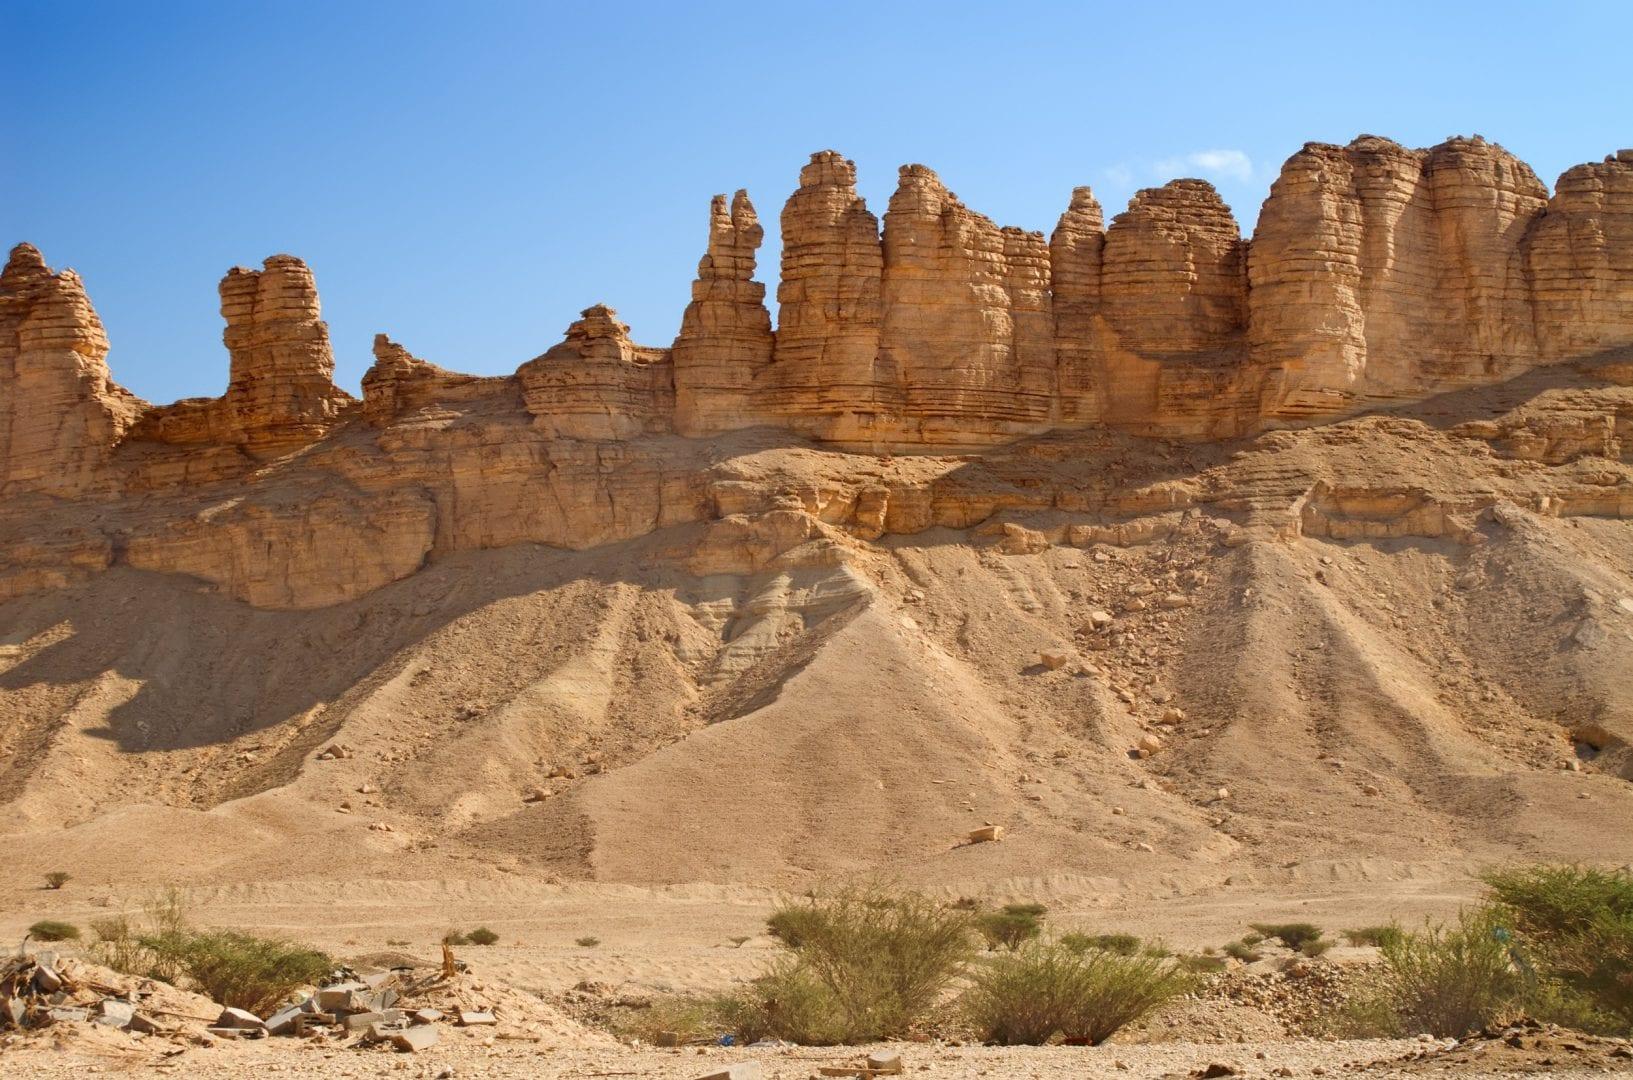 Maiores desertos do mundo, quais são? 10 maiores e suas dimensões